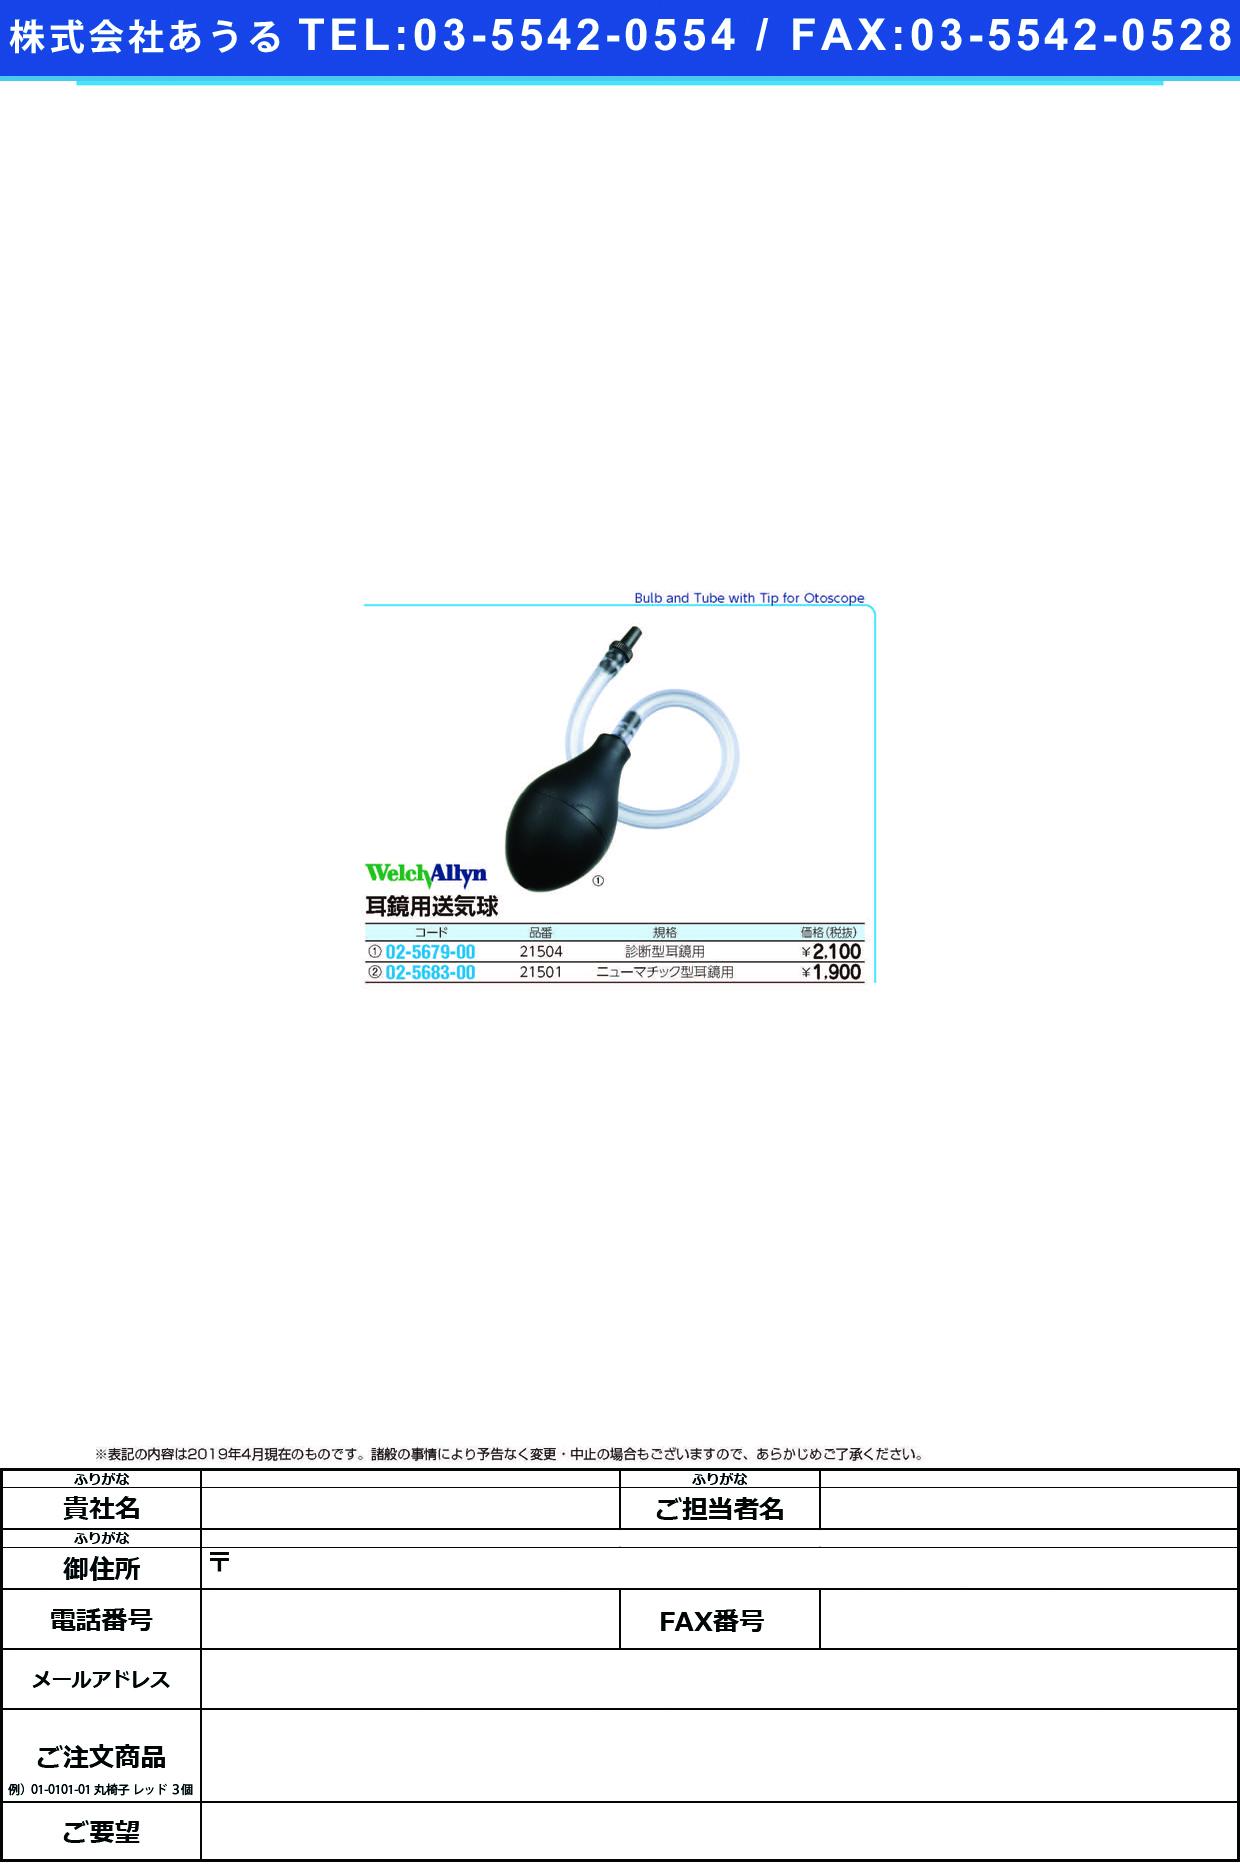 (02-5679-00)耳鏡用送気球 21504 ジキョウヨウソウキキュウ【1個単位】【2019年カタログ商品】